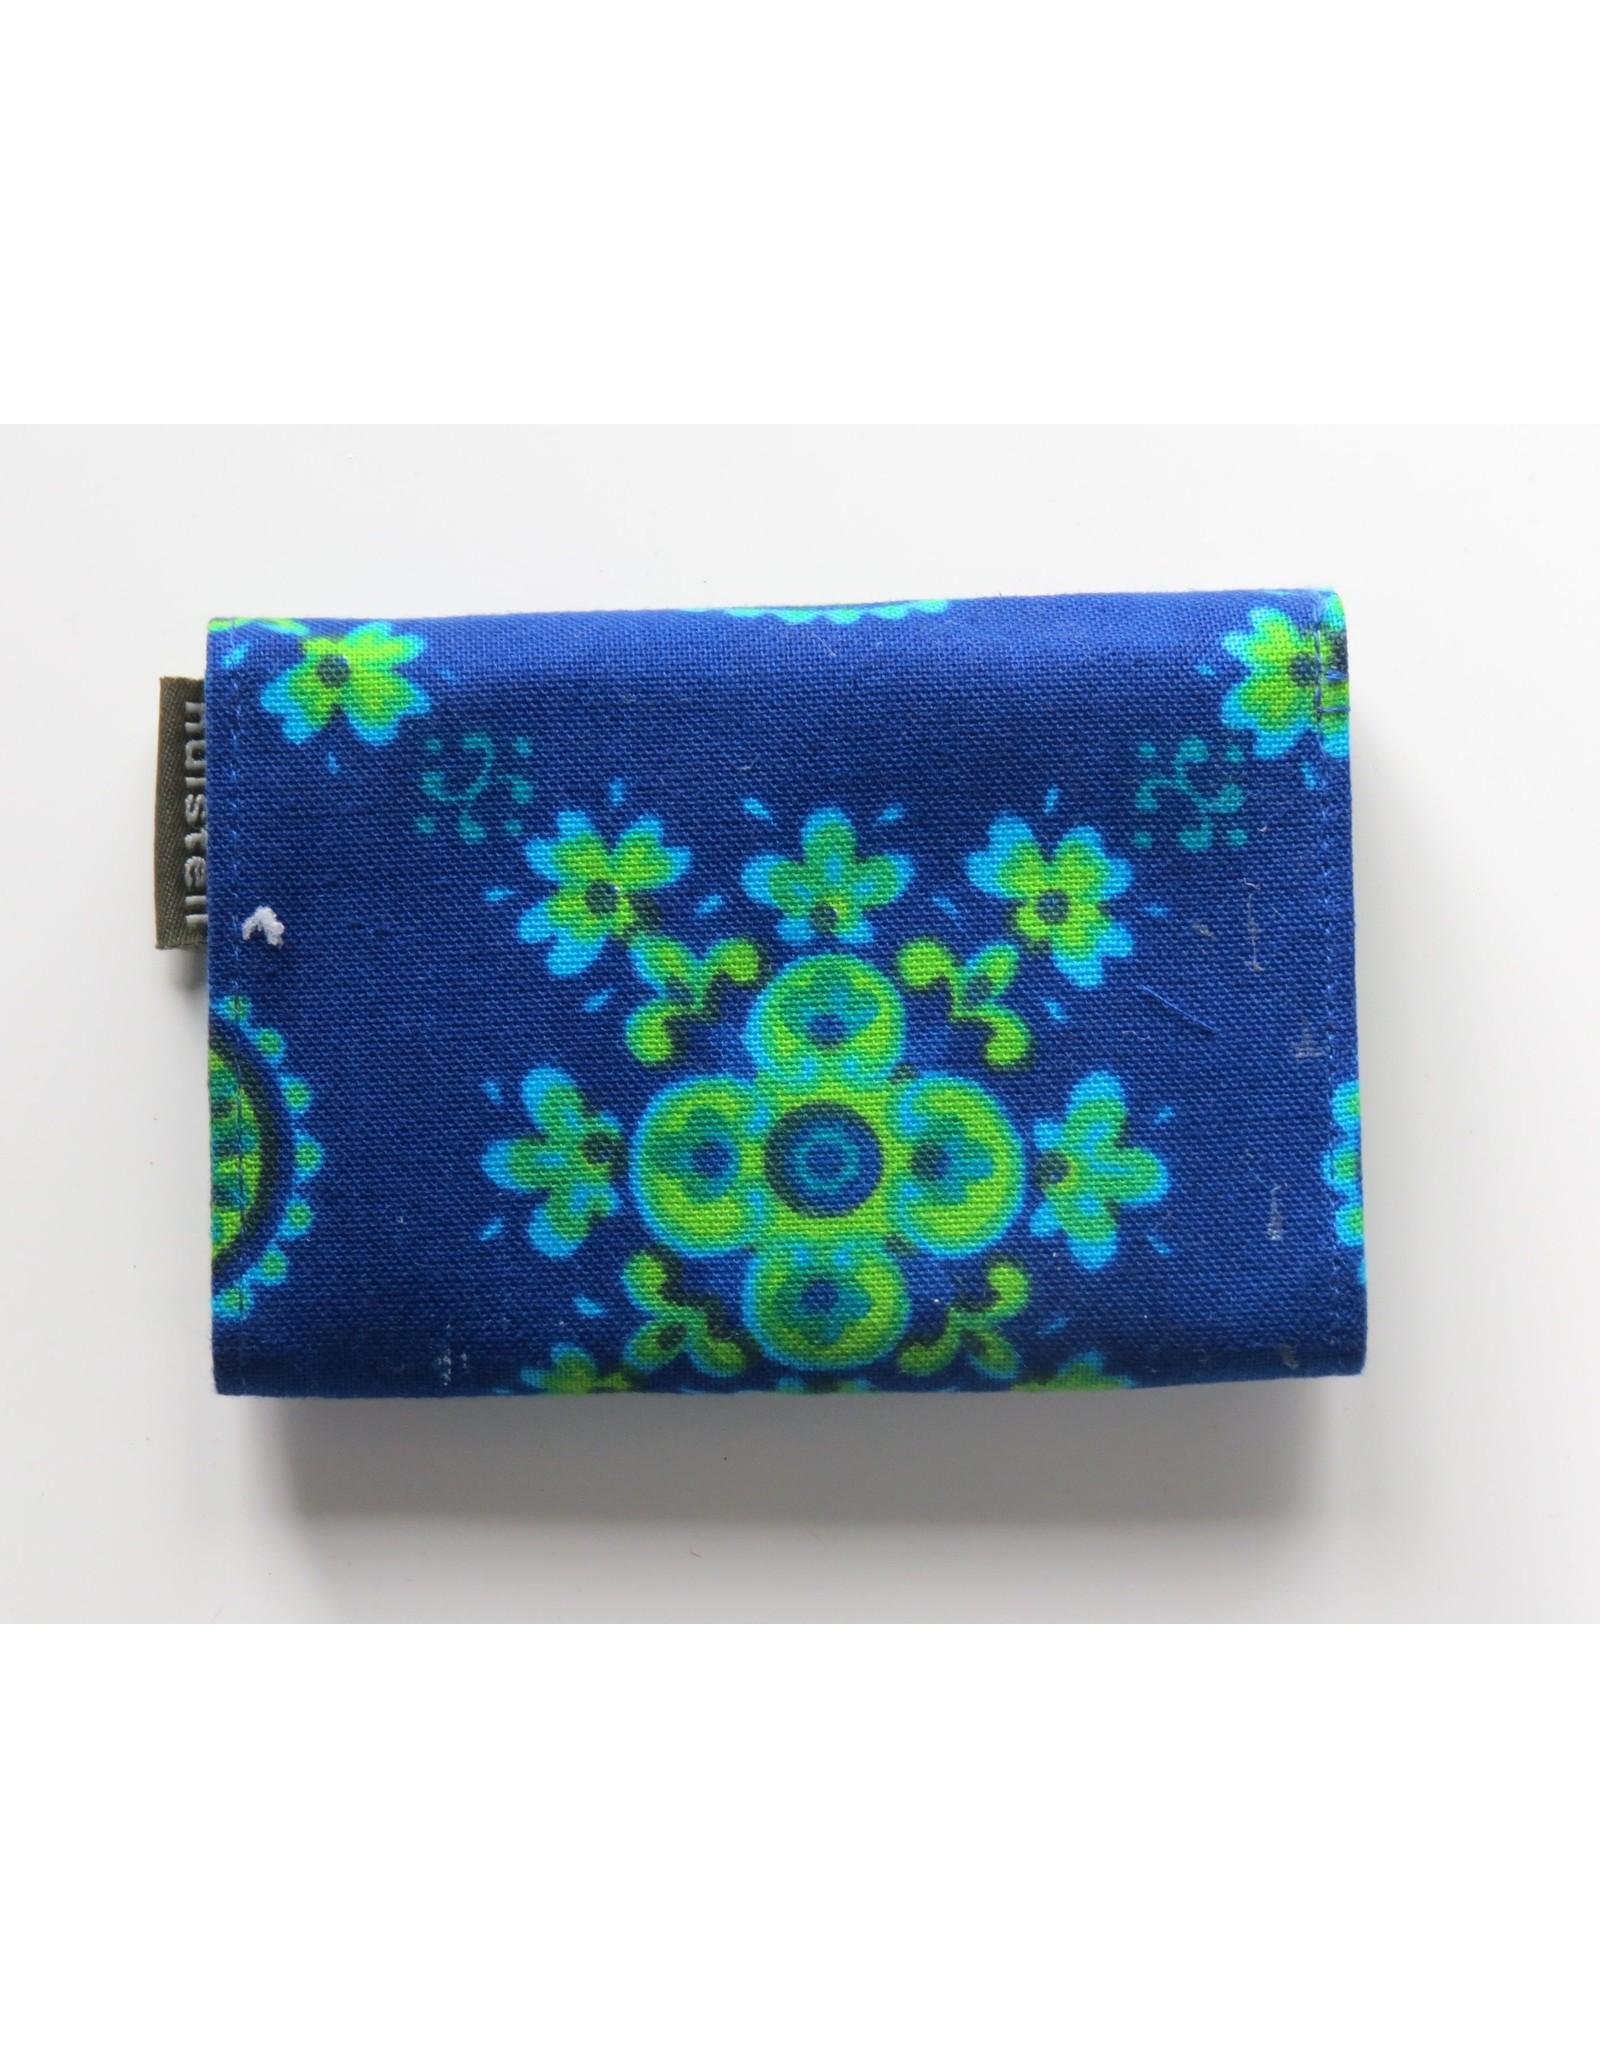 Huisteil Kleine retro portemonnee - blauw vintage